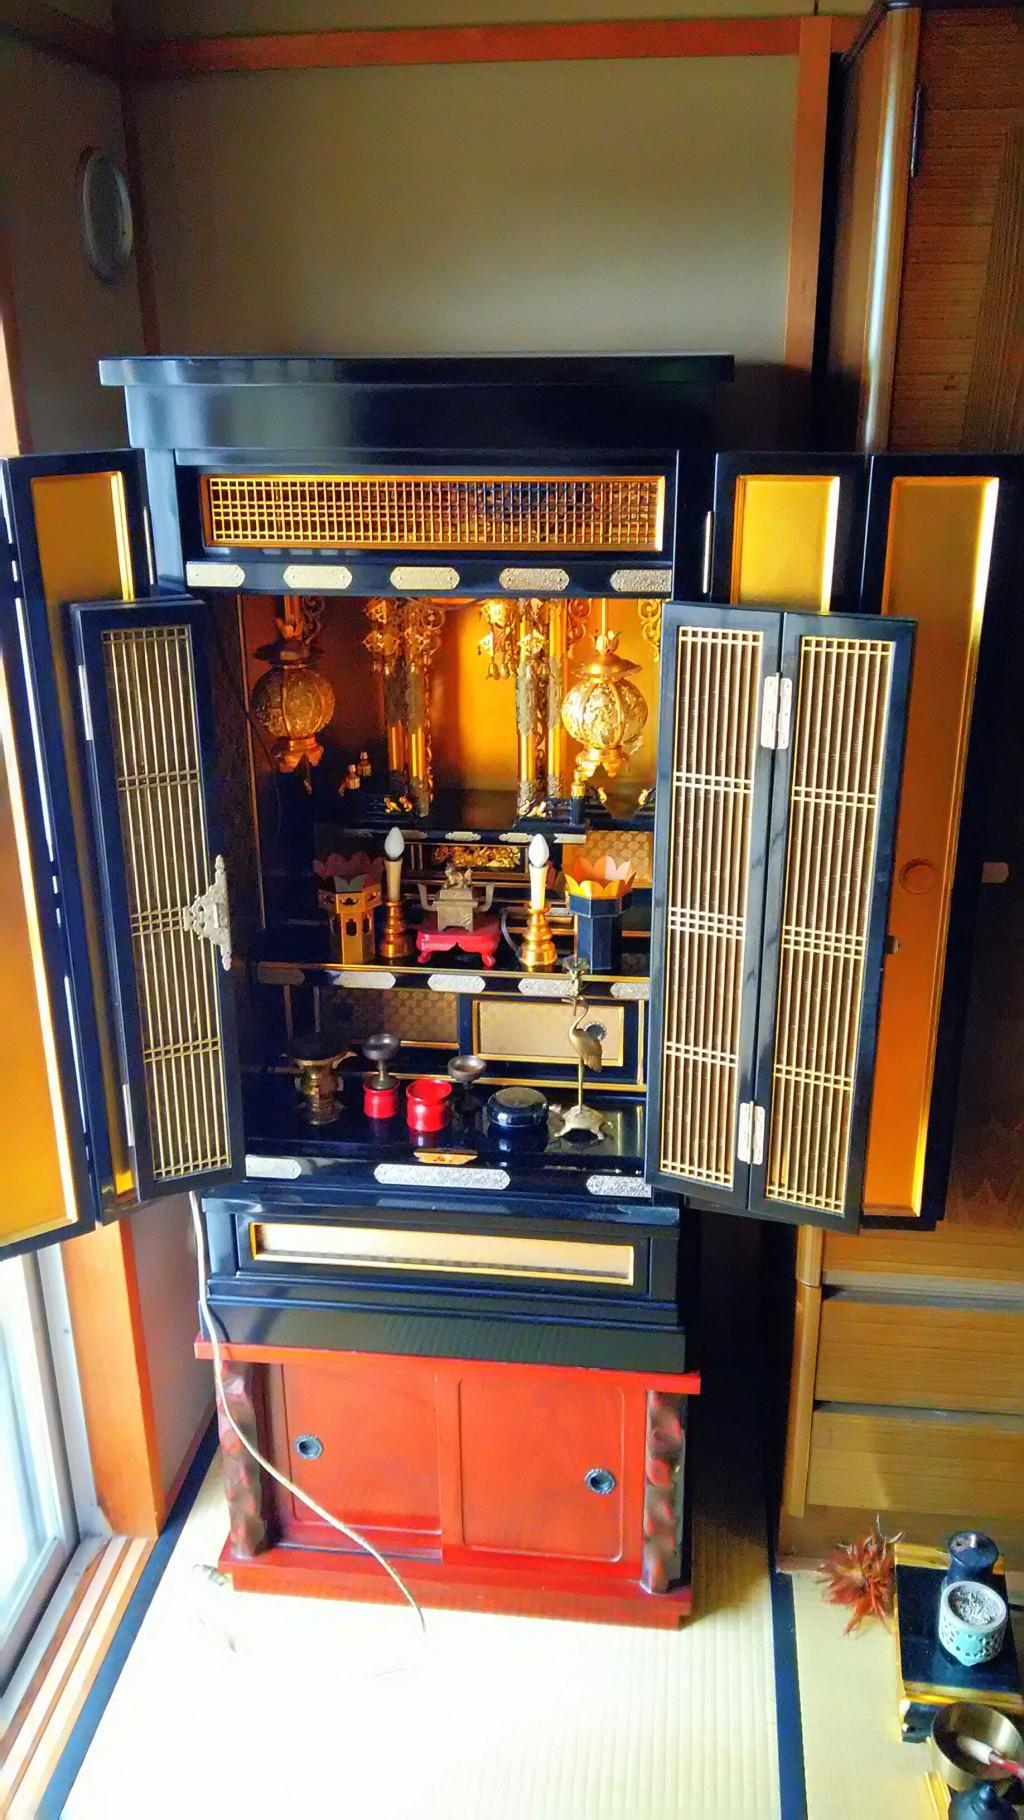 【立山町】仏壇やタンス、ブラウン管テレビ回収☆柔軟な対応で追加品も問題なく回収し大変お喜び頂けました。